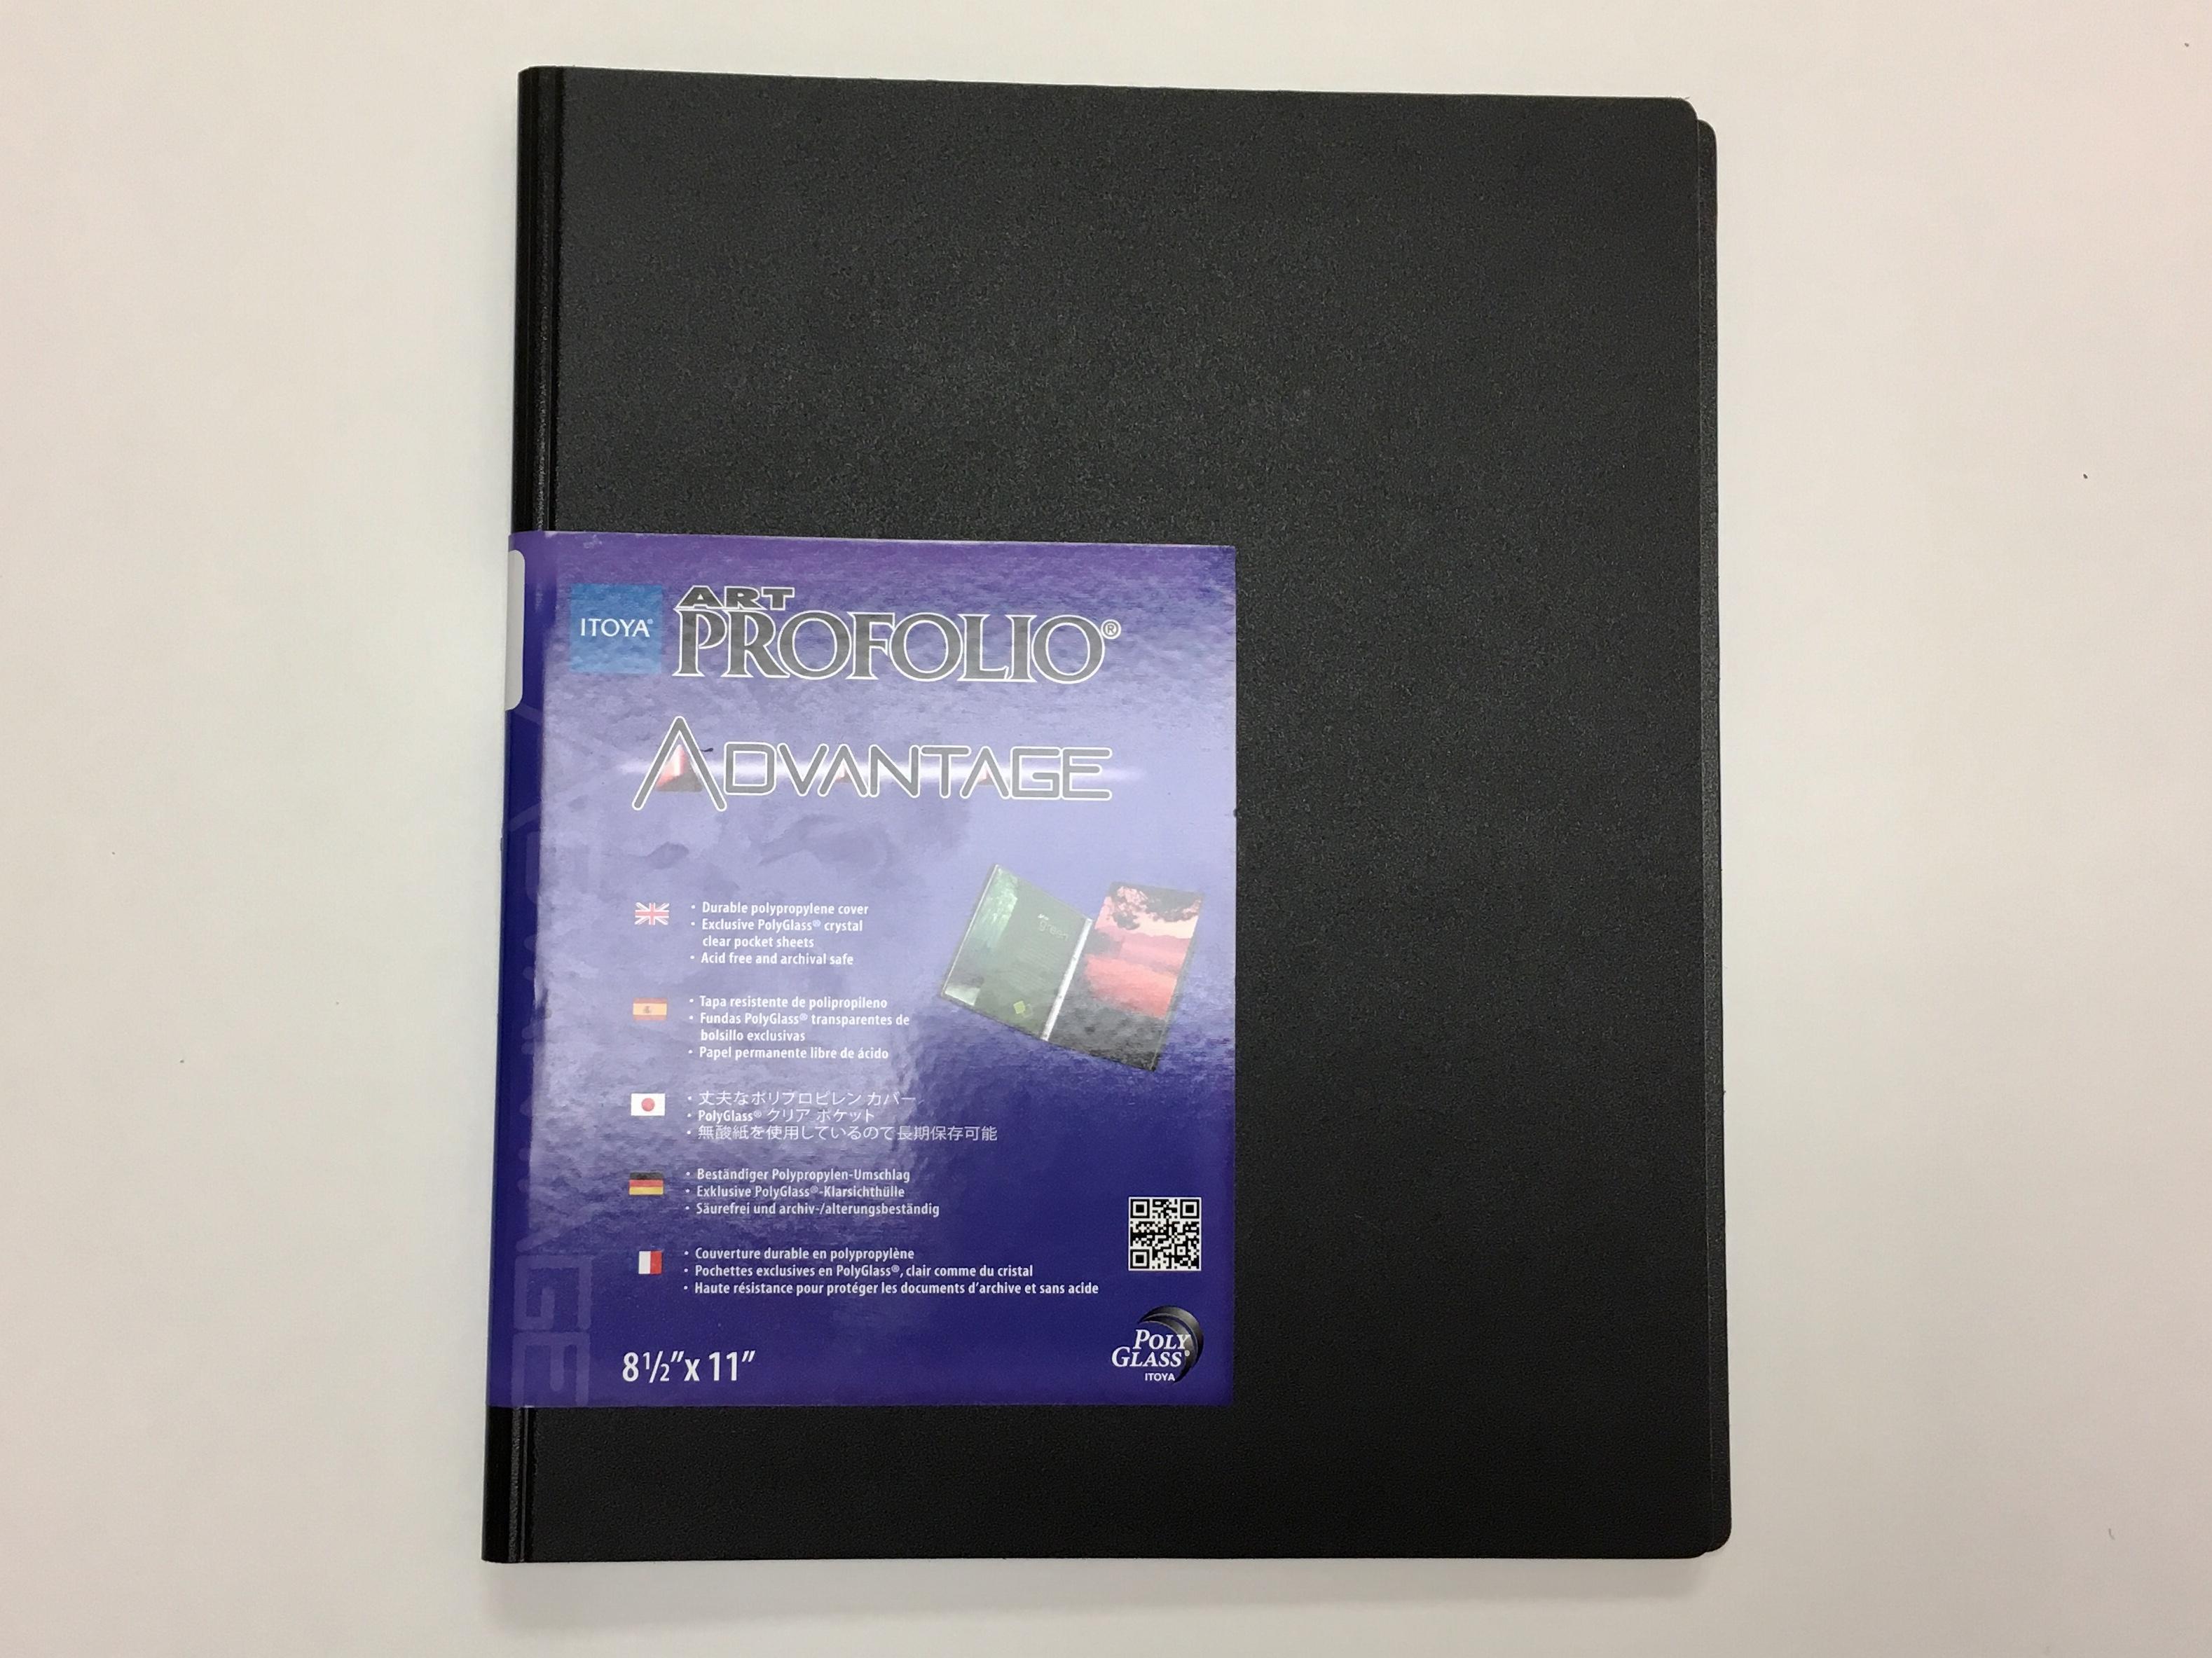 """Image for the ITOYA Art Profolio Advantage Black 8.5"""" x 11"""" product"""